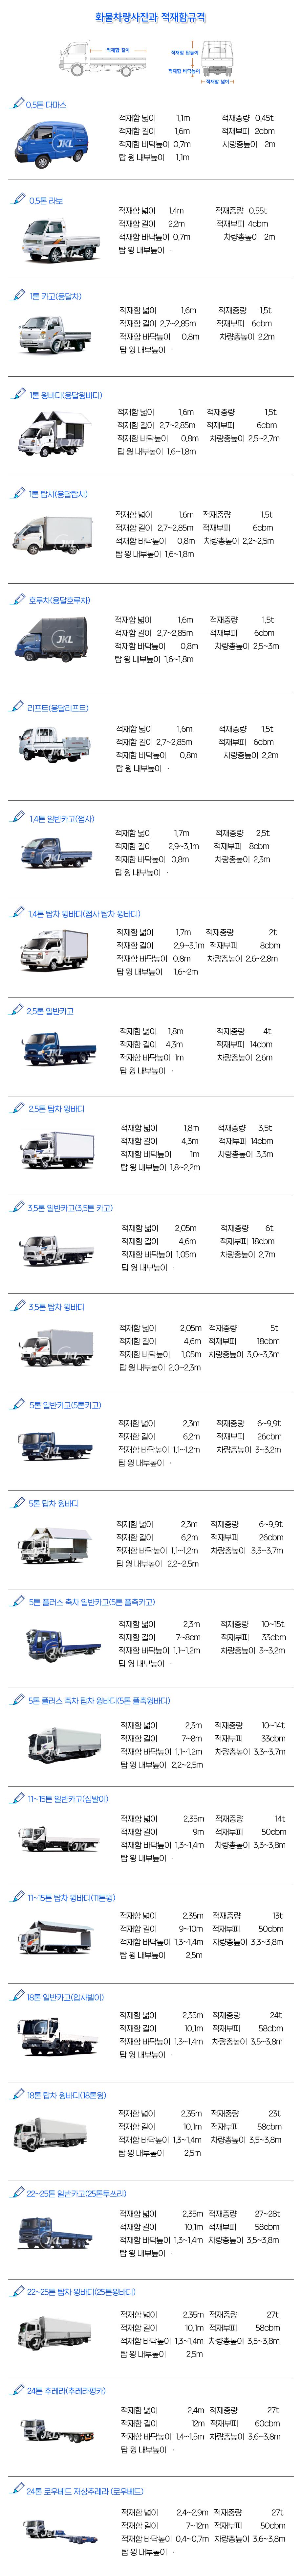 33화물차량사진n적재함규격표by나영 jkl마크 copy.png